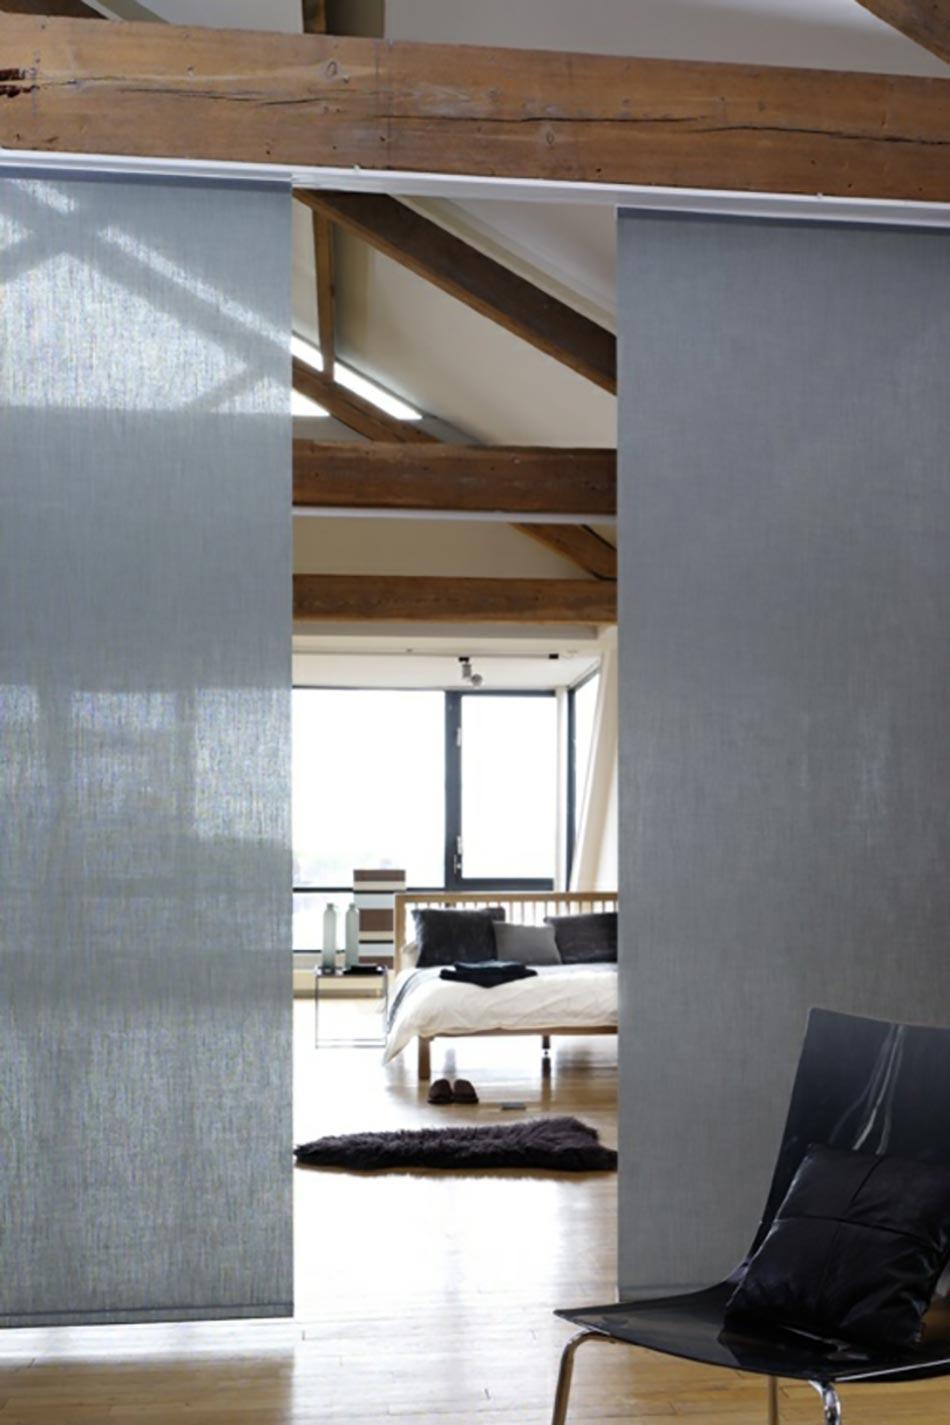 panneaux japonais interieur design